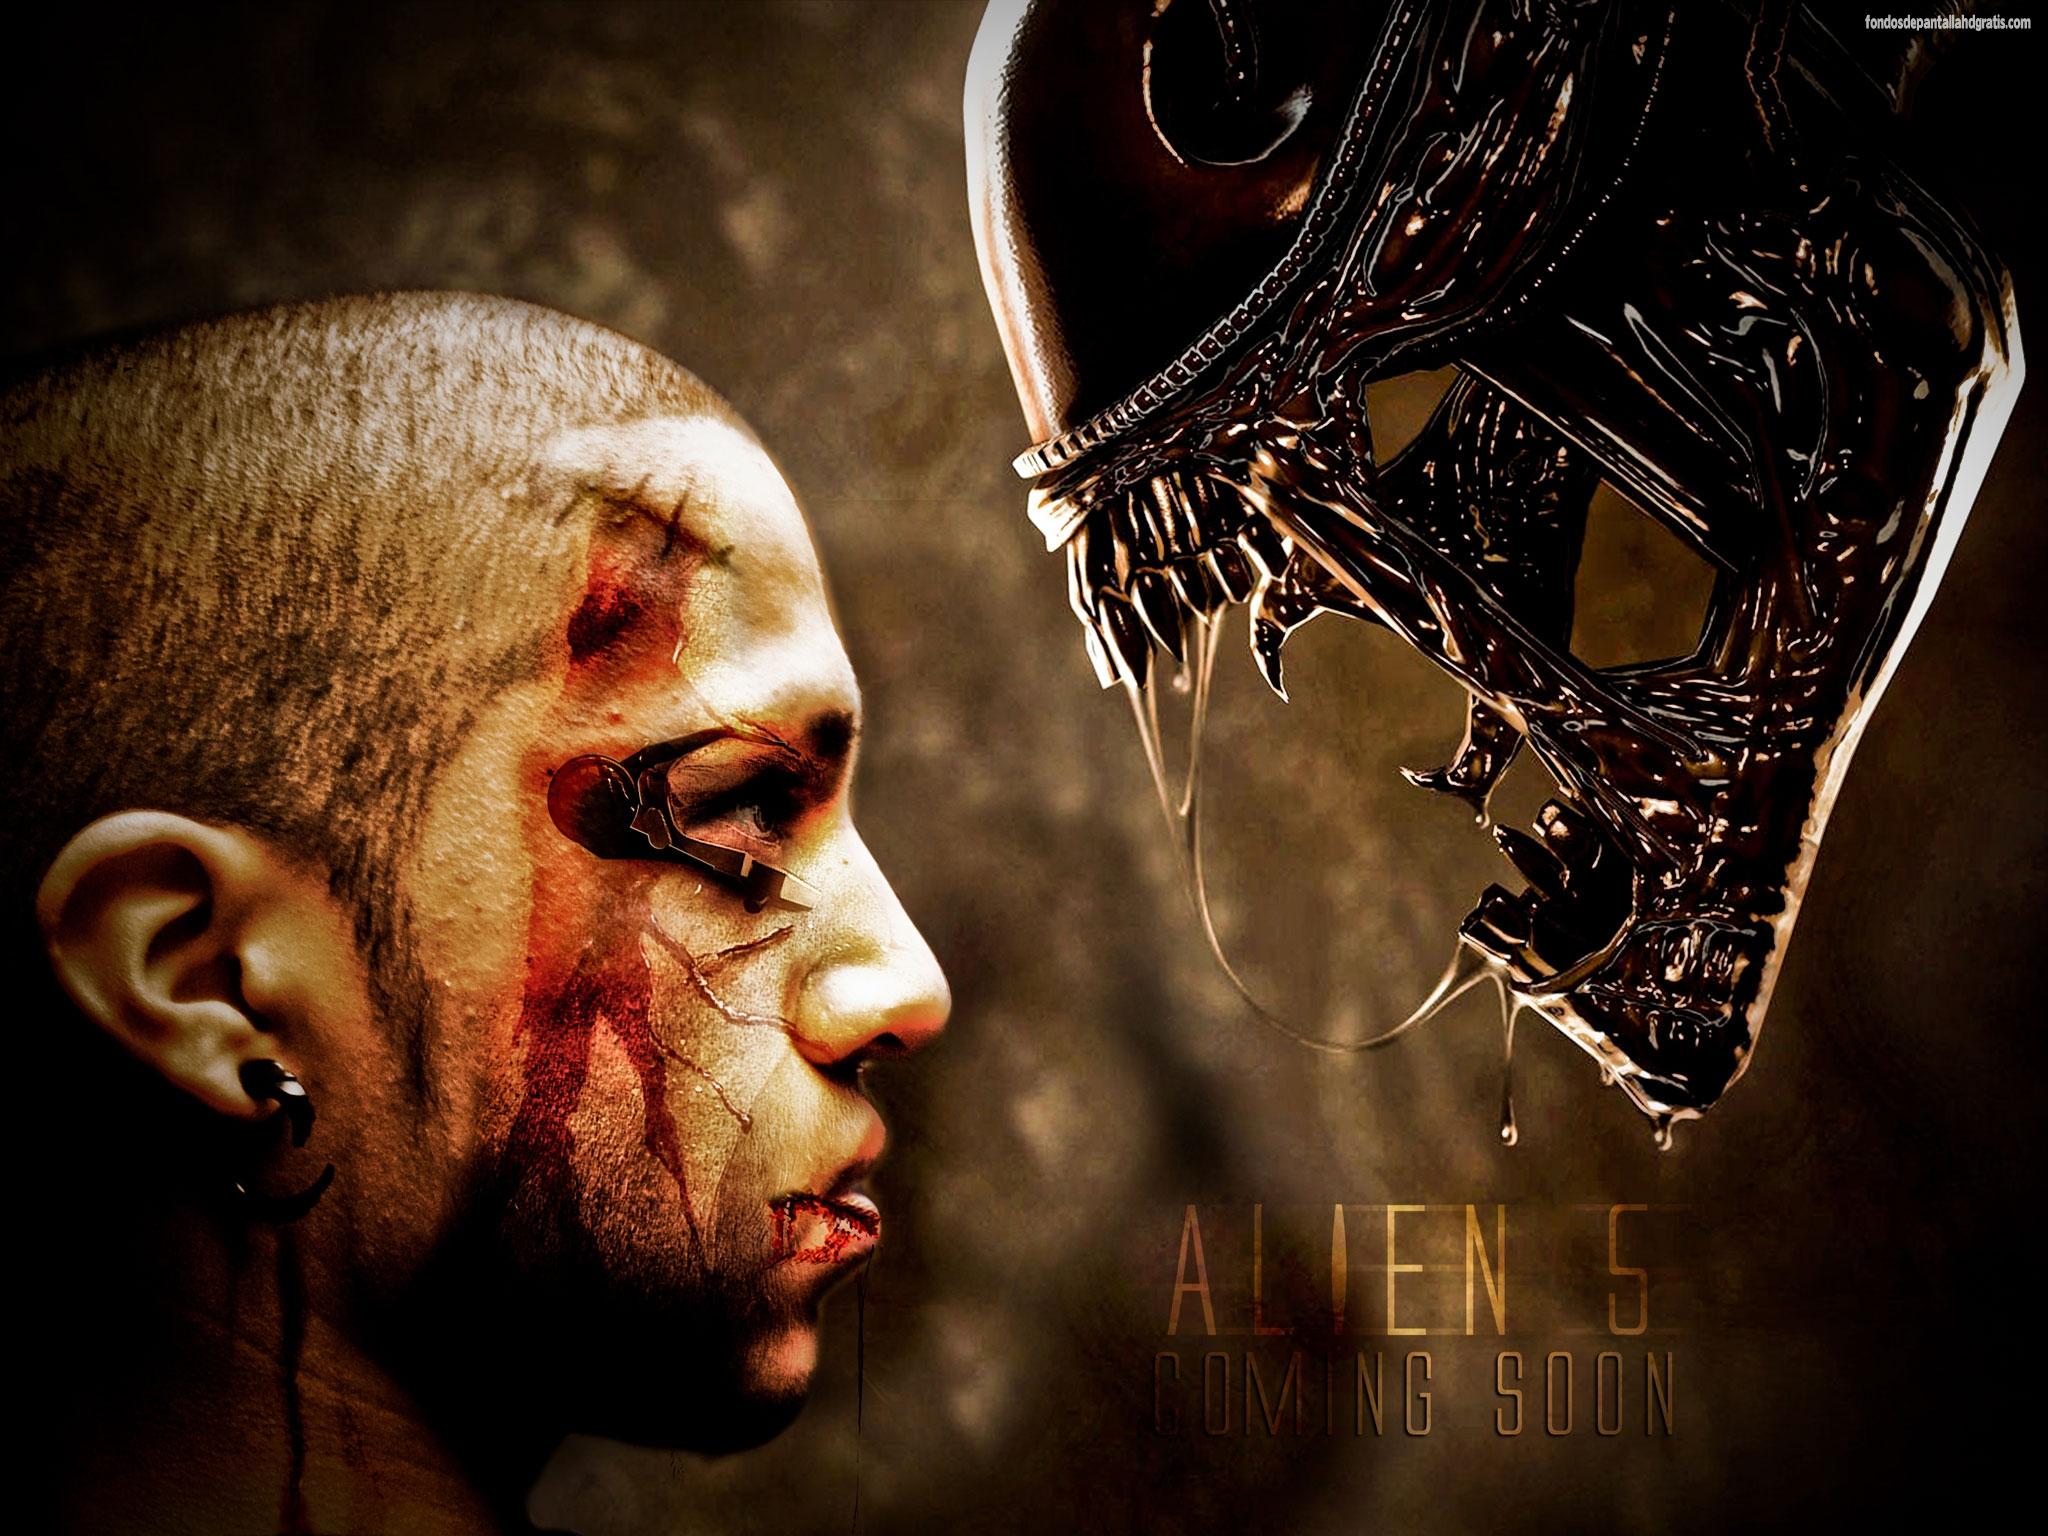 imagen coming soon alien 5 movie wallpaper hd widescreen Gratis 19622 2048x1536